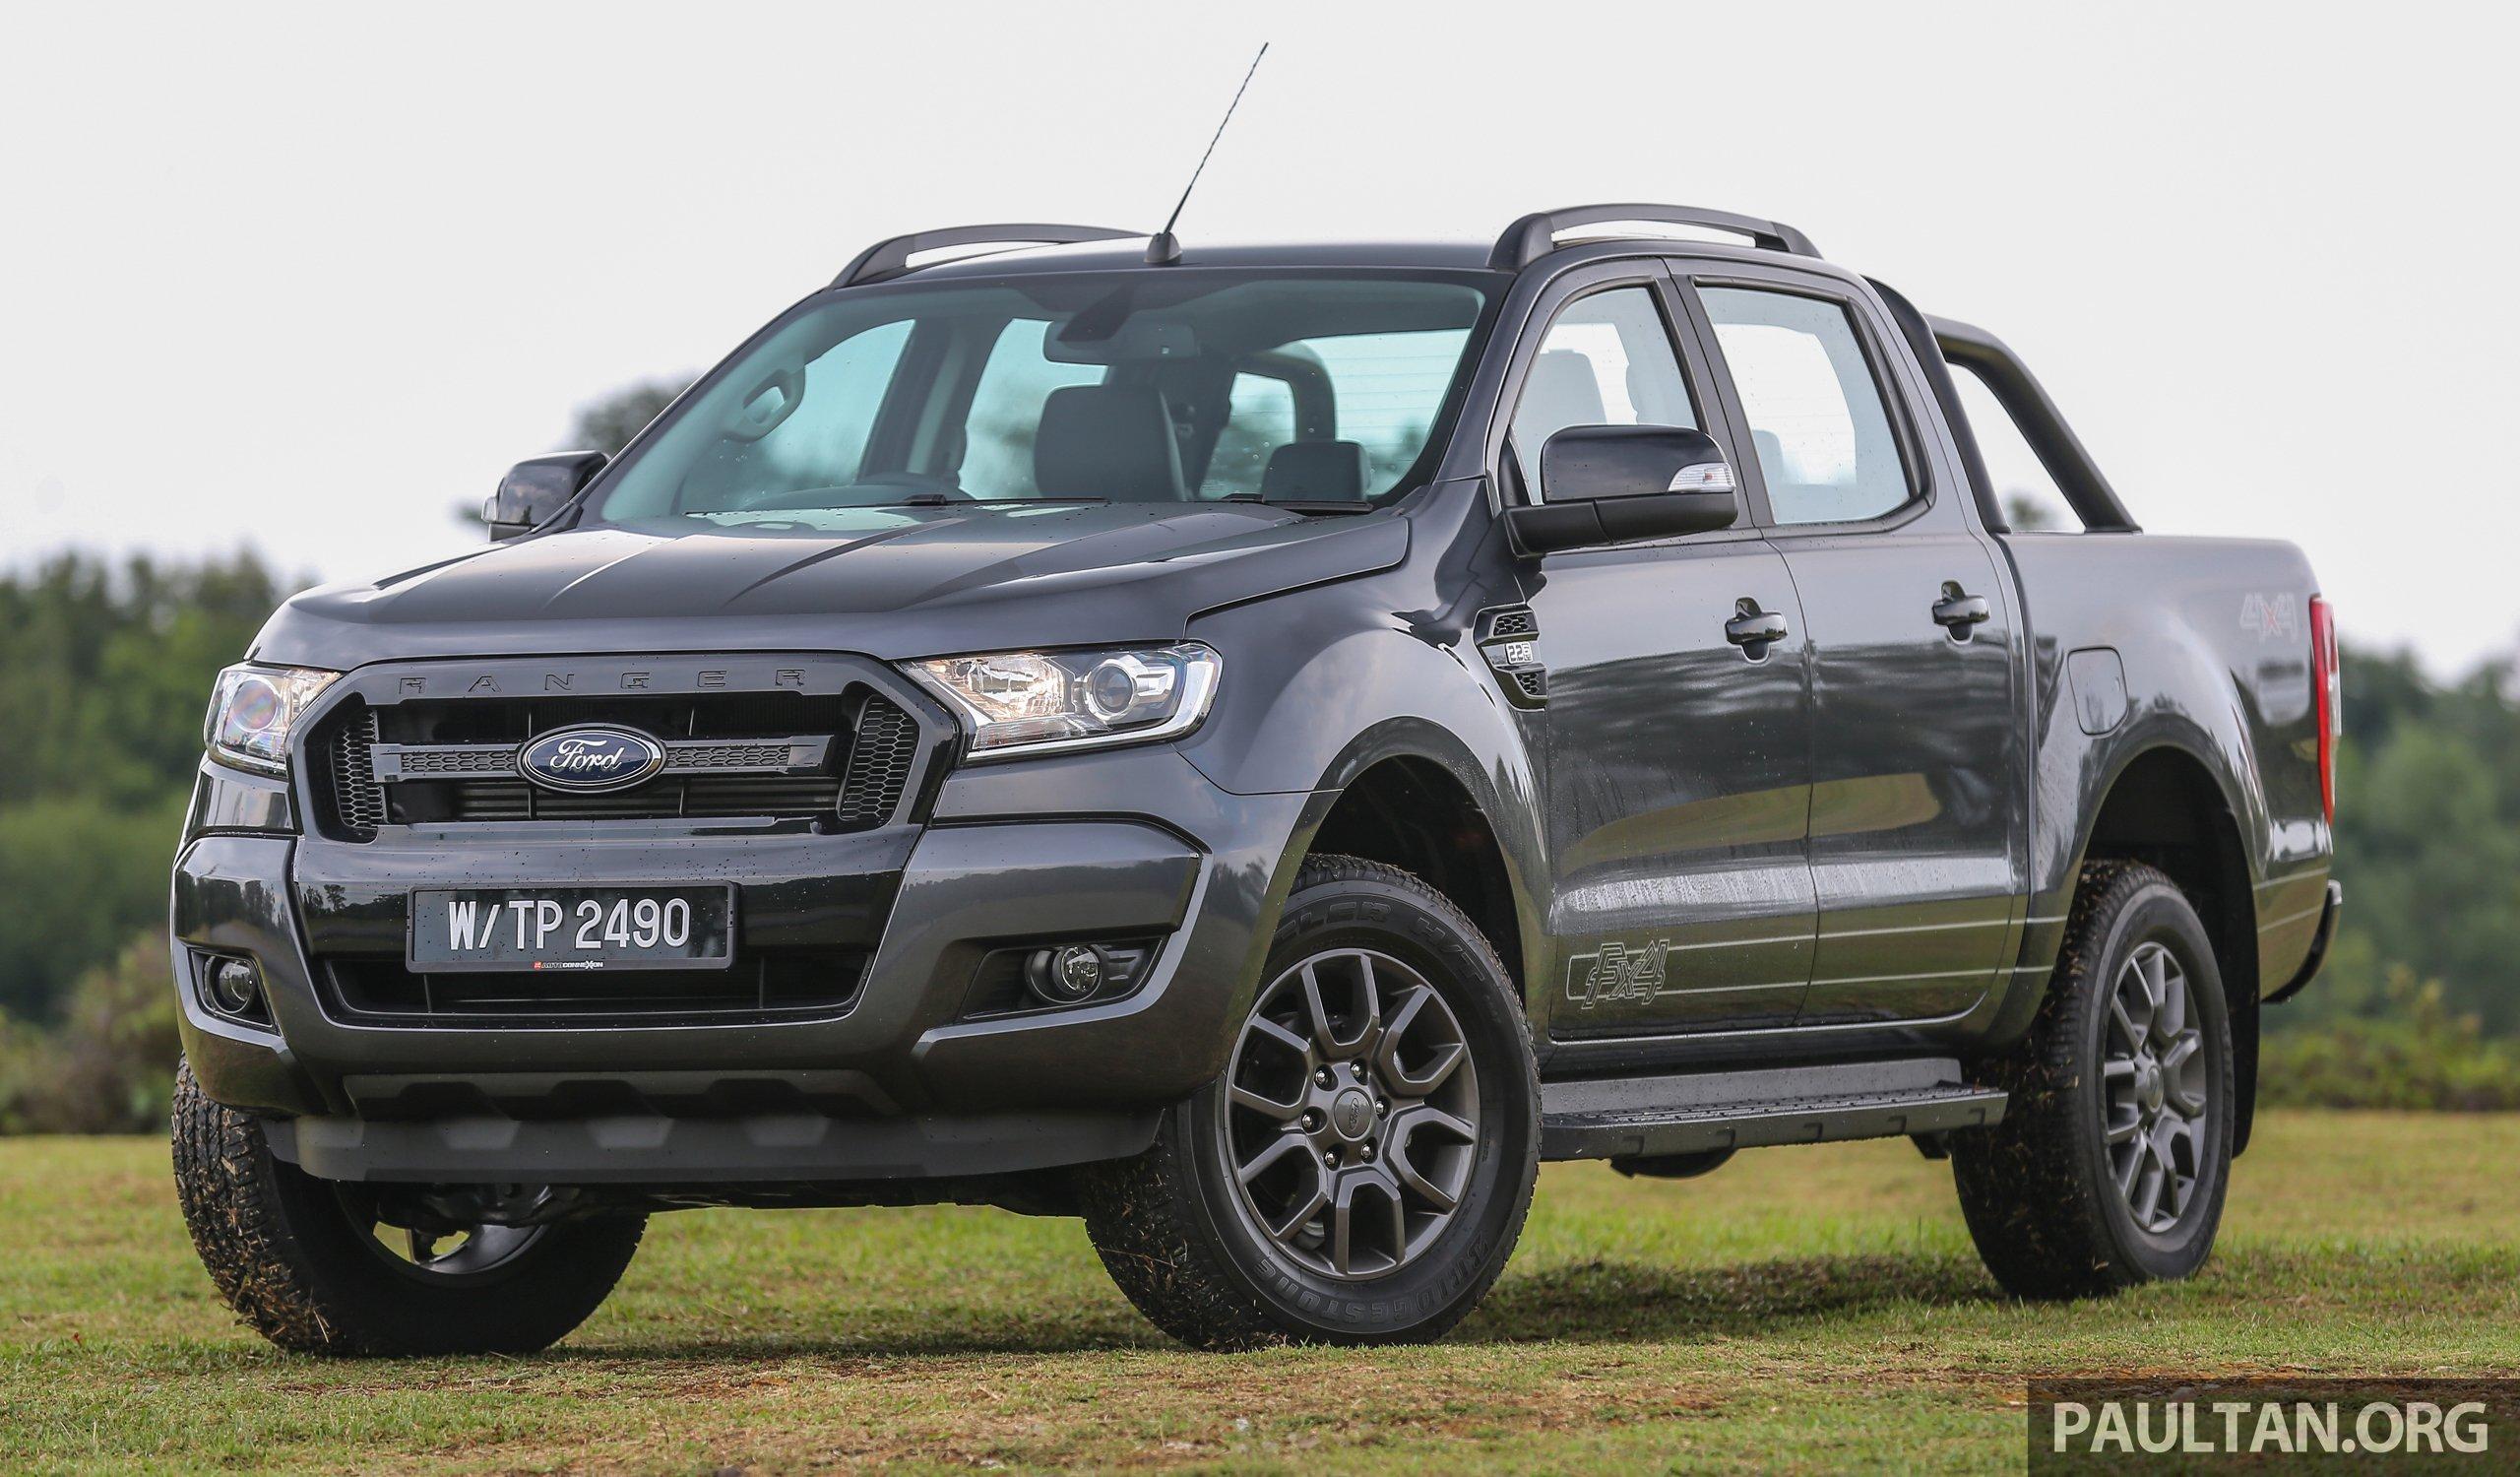 2017 Ford Ranger Pictures >> 新车图集:Ford Ranger 2.2L FX4,更具运动化气息。 Ford_Ranger_Fx4_Ext-4 - Paul Tan 汽车资讯网